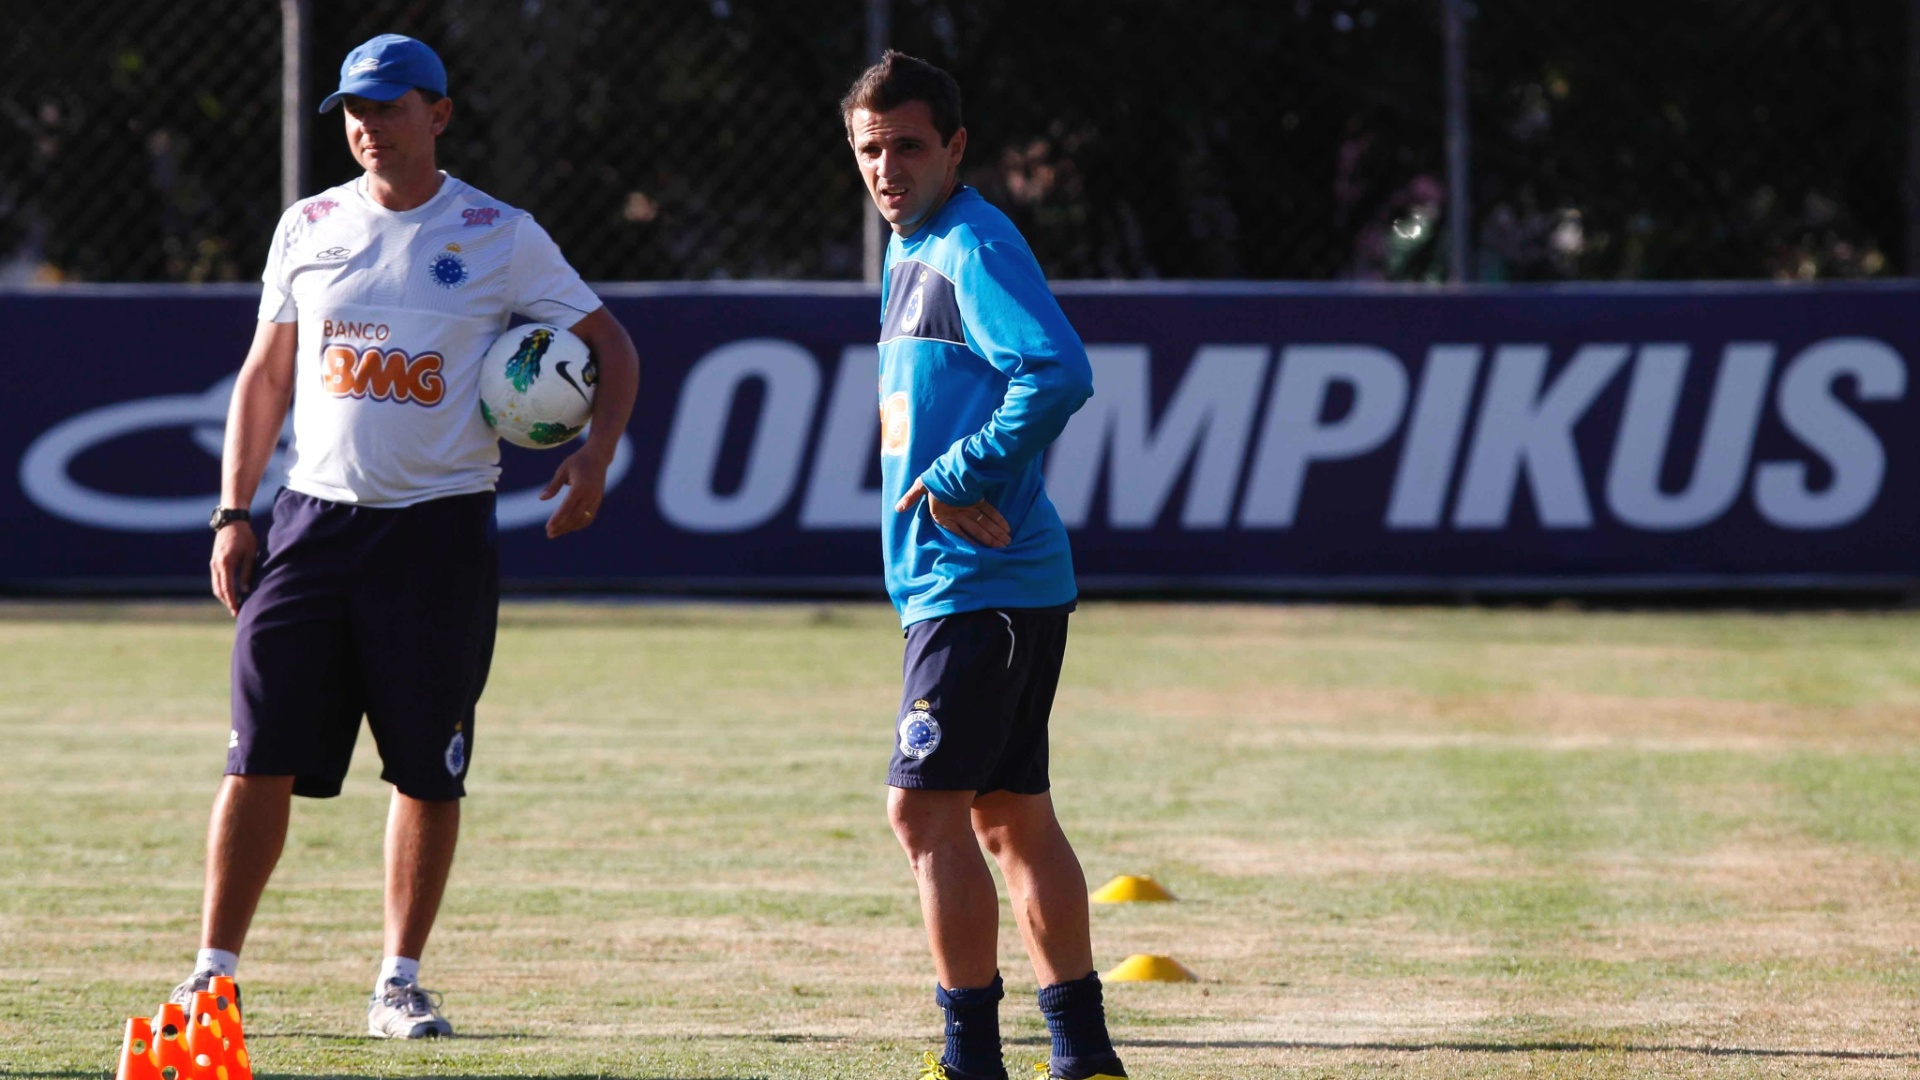 Montillo participa de treino do Cruzeiro na Toca da Raposa II (21/8/2012)